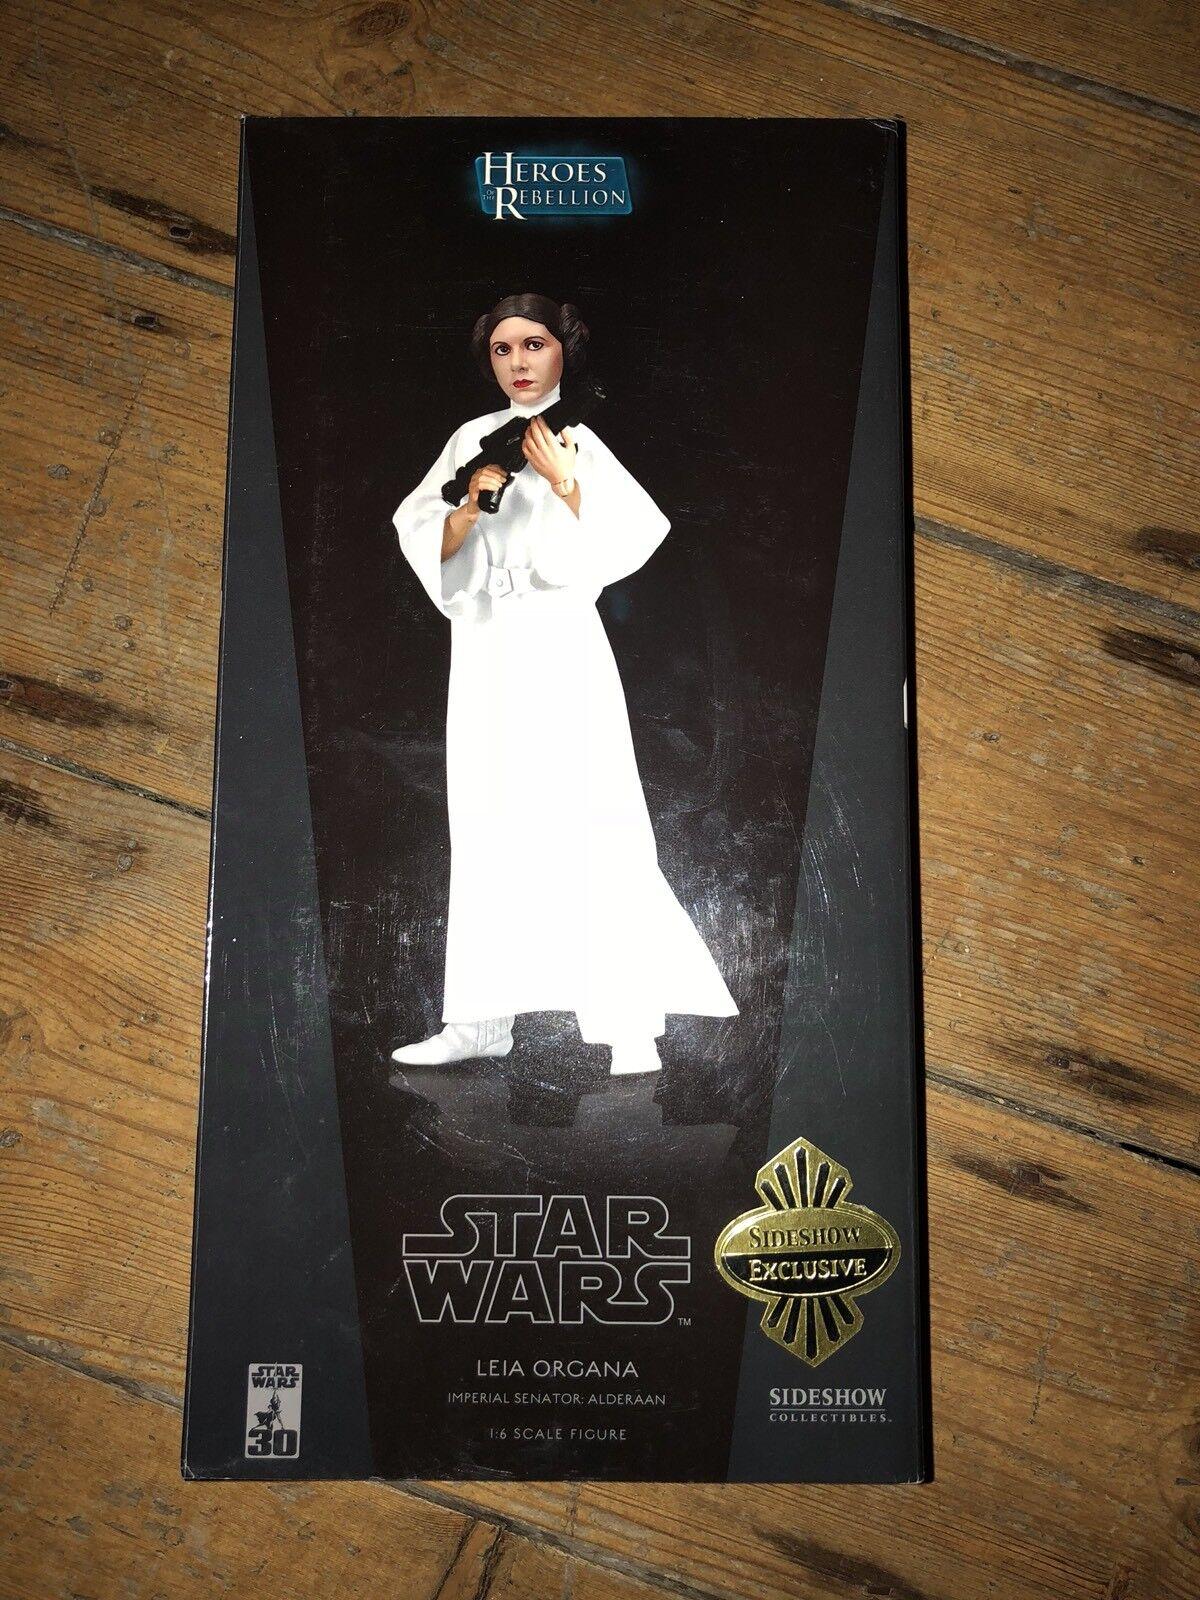 Sideshow Star Wars Héroes de la rebelión Leila Organa exclusivo Imperial 274